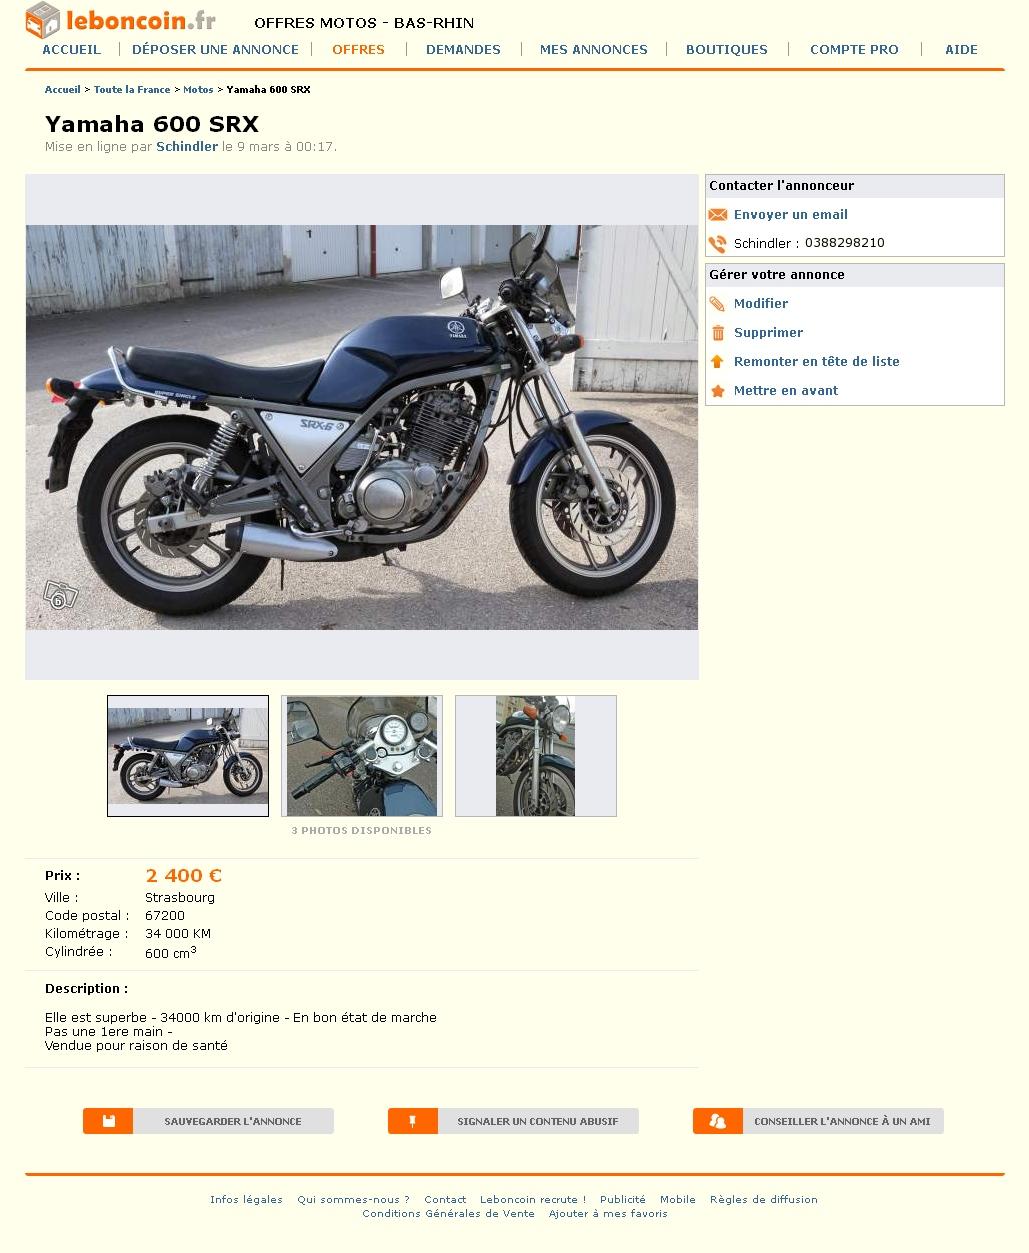 Bonnes Affaires Moto Sur Leboncoin 11 Mars 2013 015